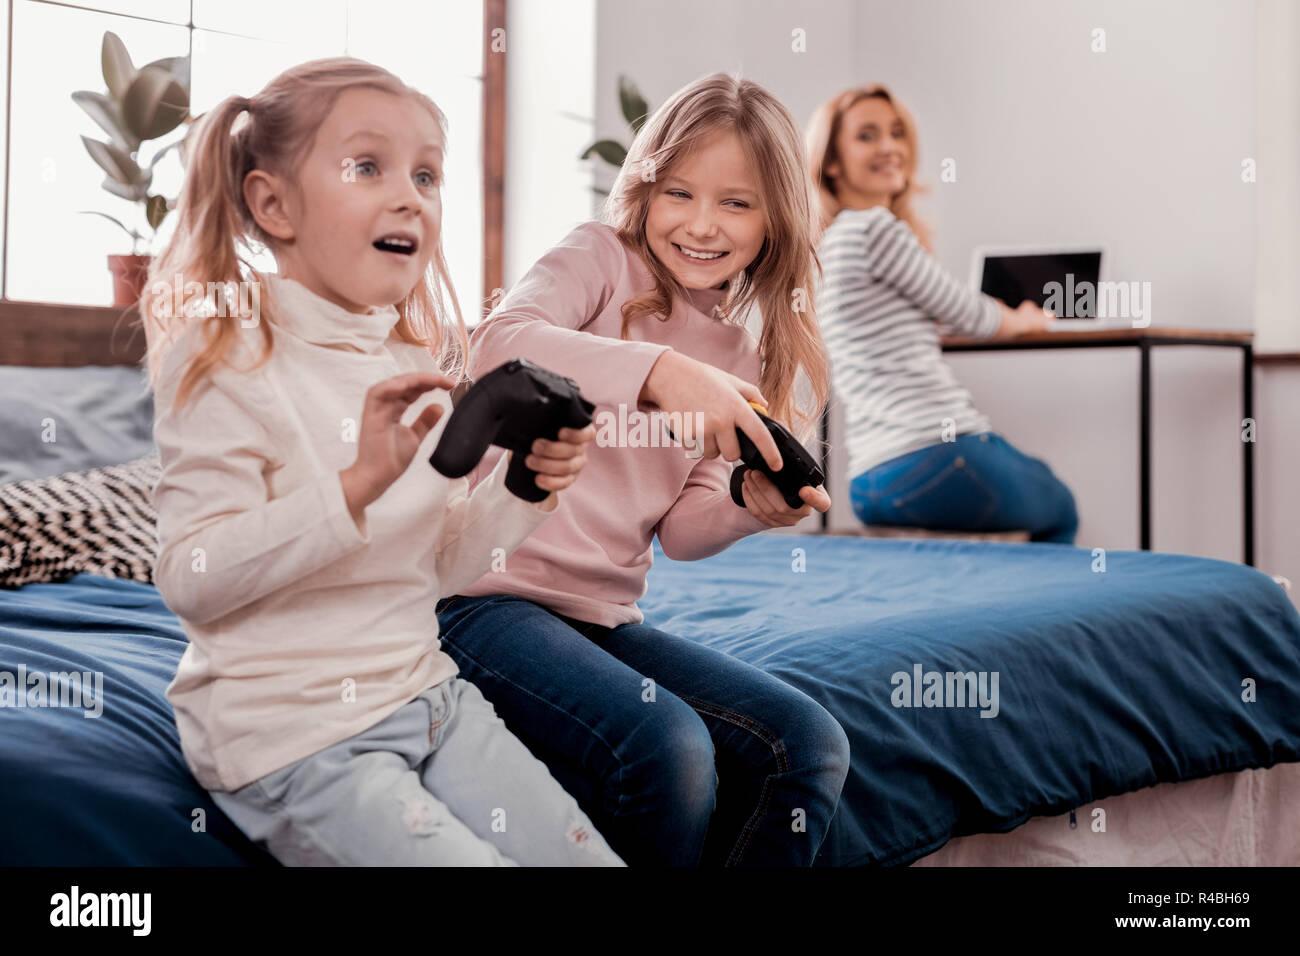 La vida de cada día. Sweet cute niños jugando juegos mientras quedándose en casa Imagen De Stock